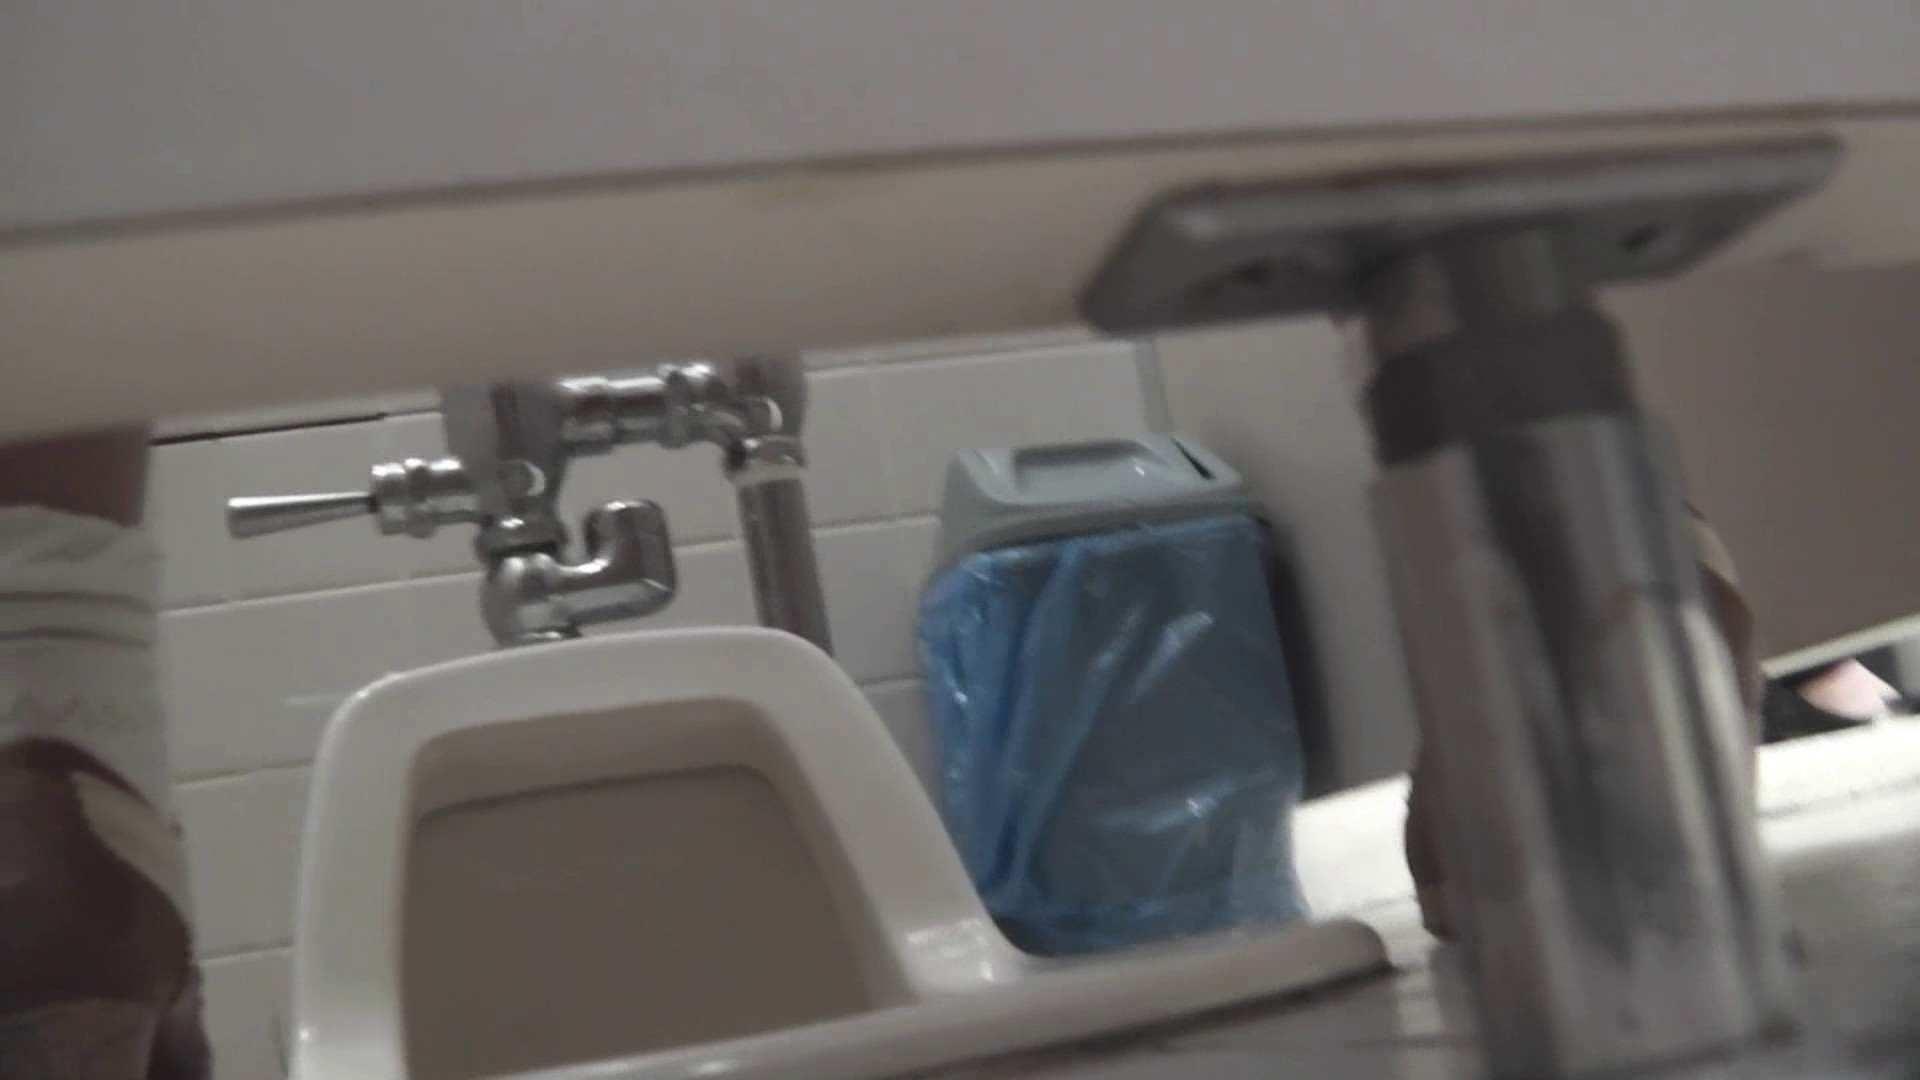 トイレ盗撮 vol.25三十時間潜り、一つしか出会えない完璧桃尻編 byお銀 怪盗ジョーカー